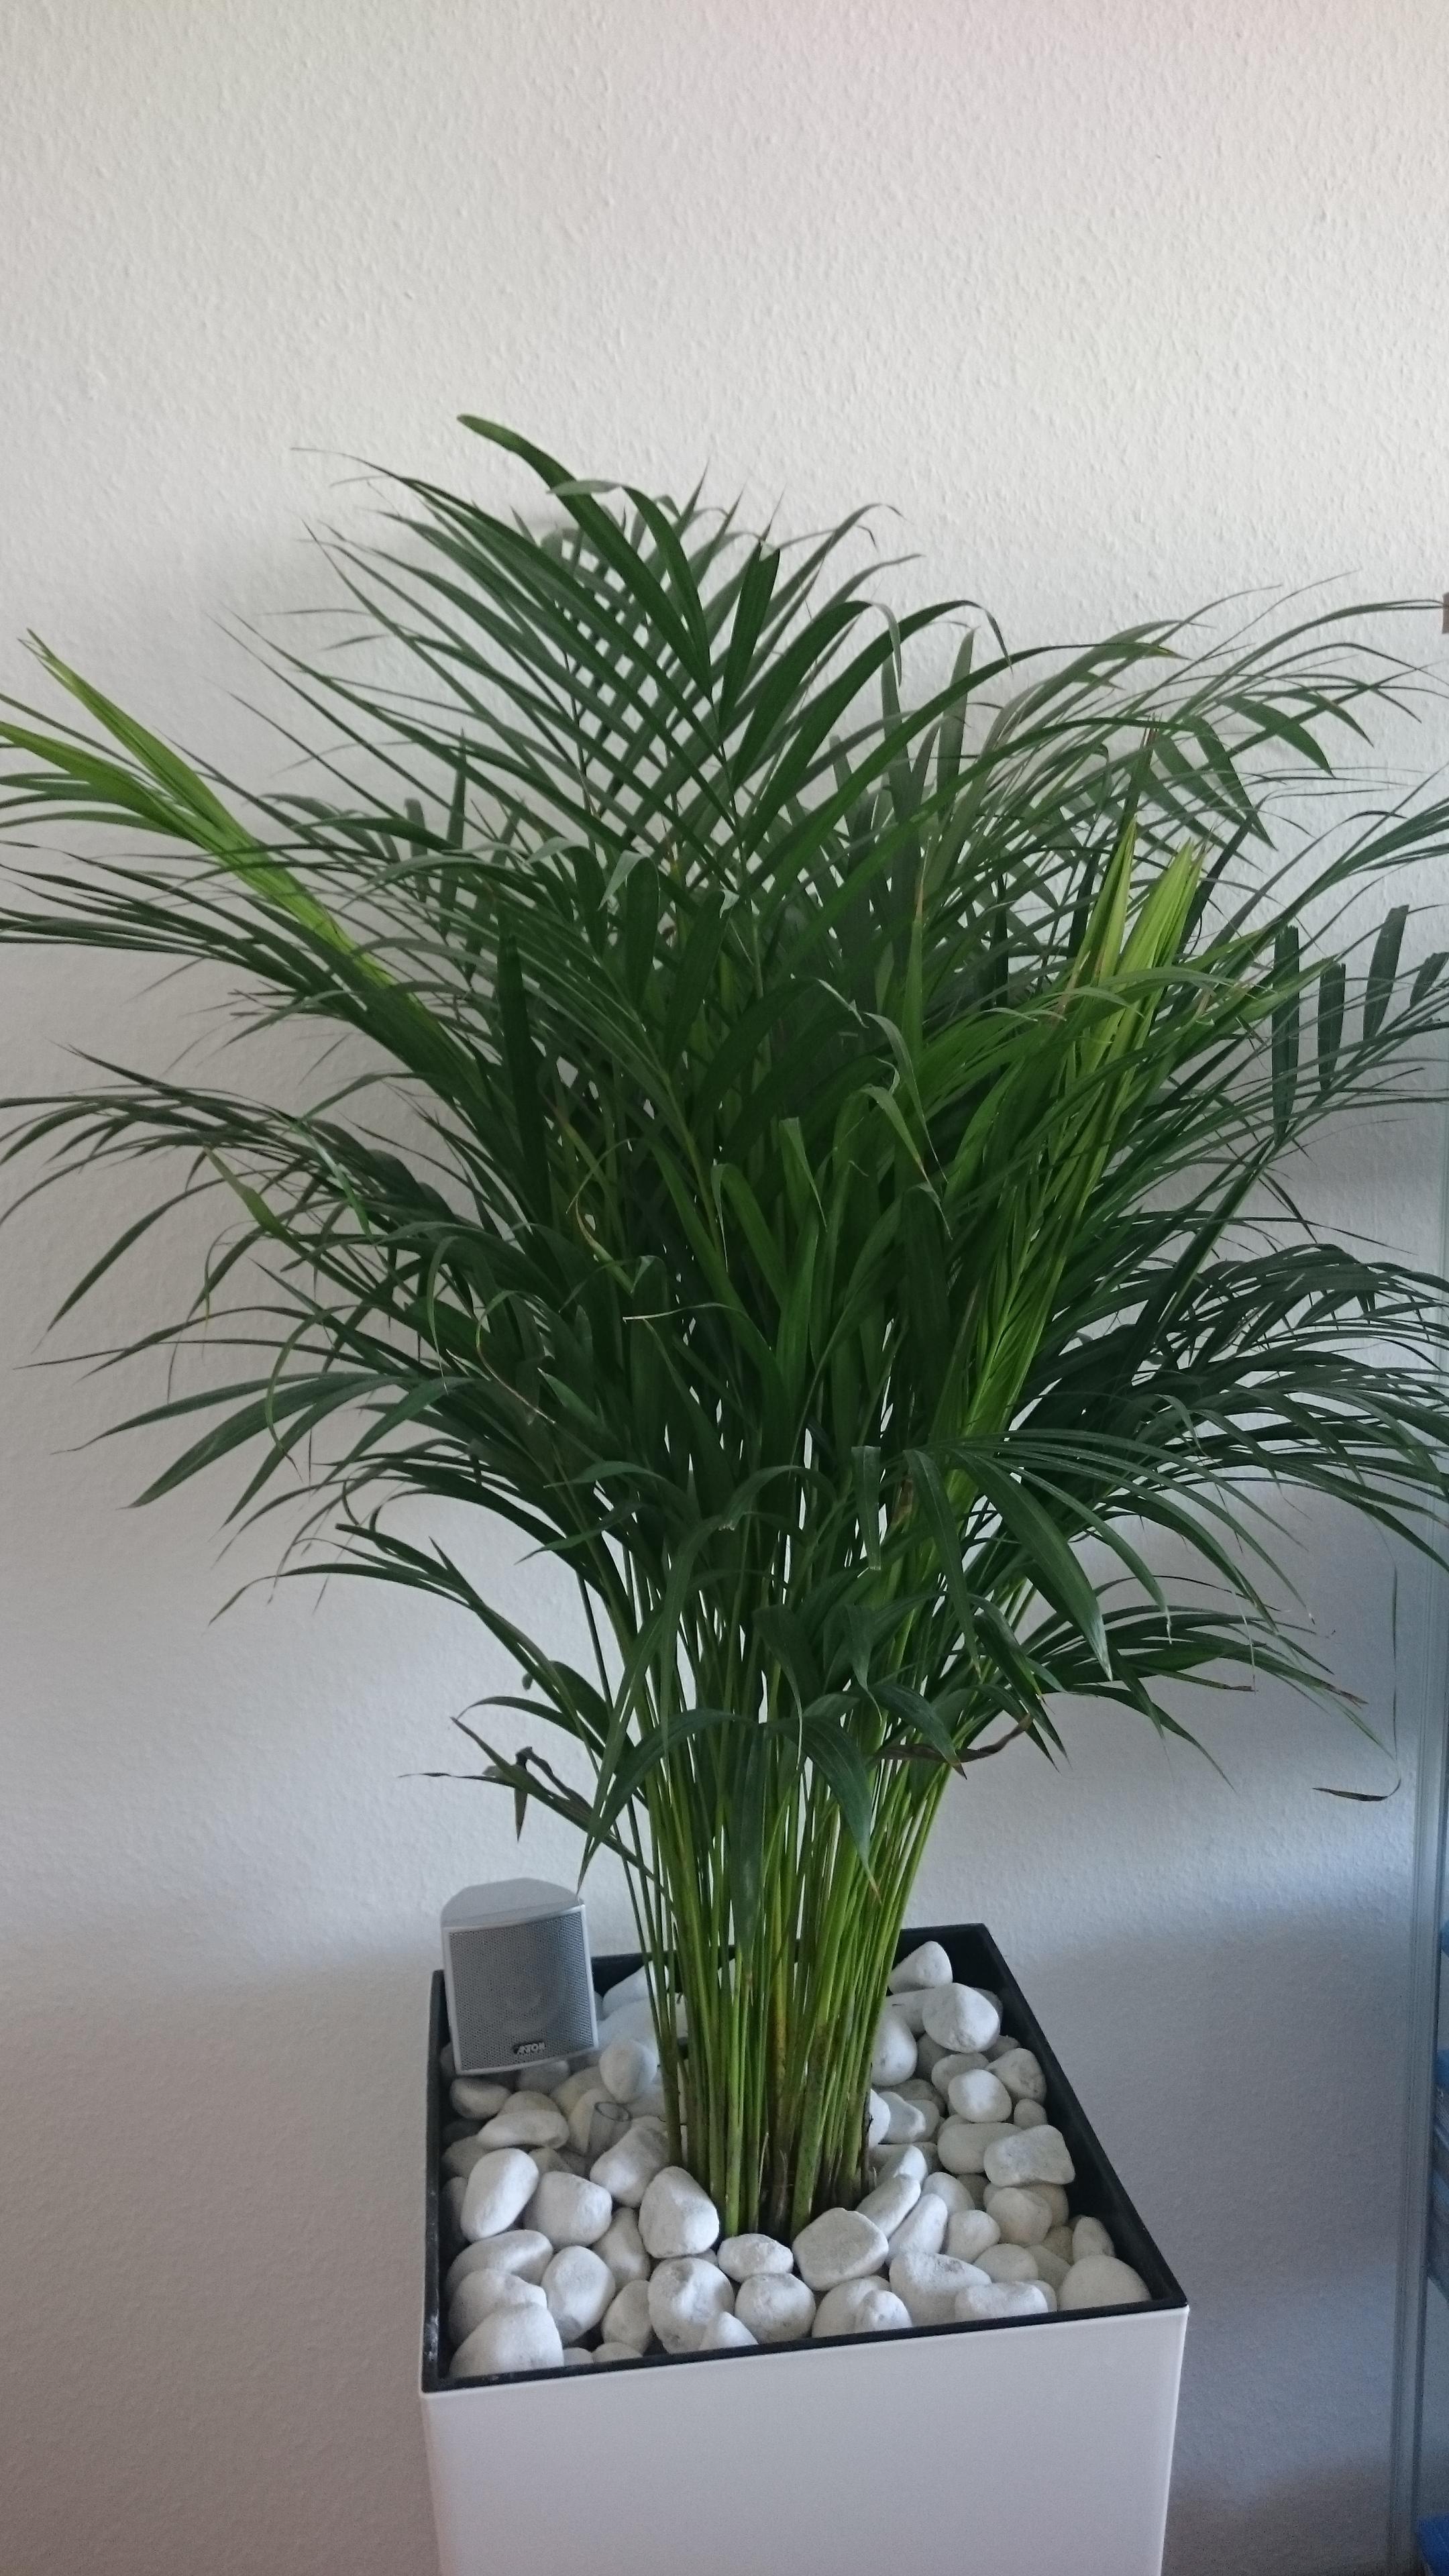 Was ist das an meiner ikea pflanze wer weiss for Ikea kunstliche pflanzen